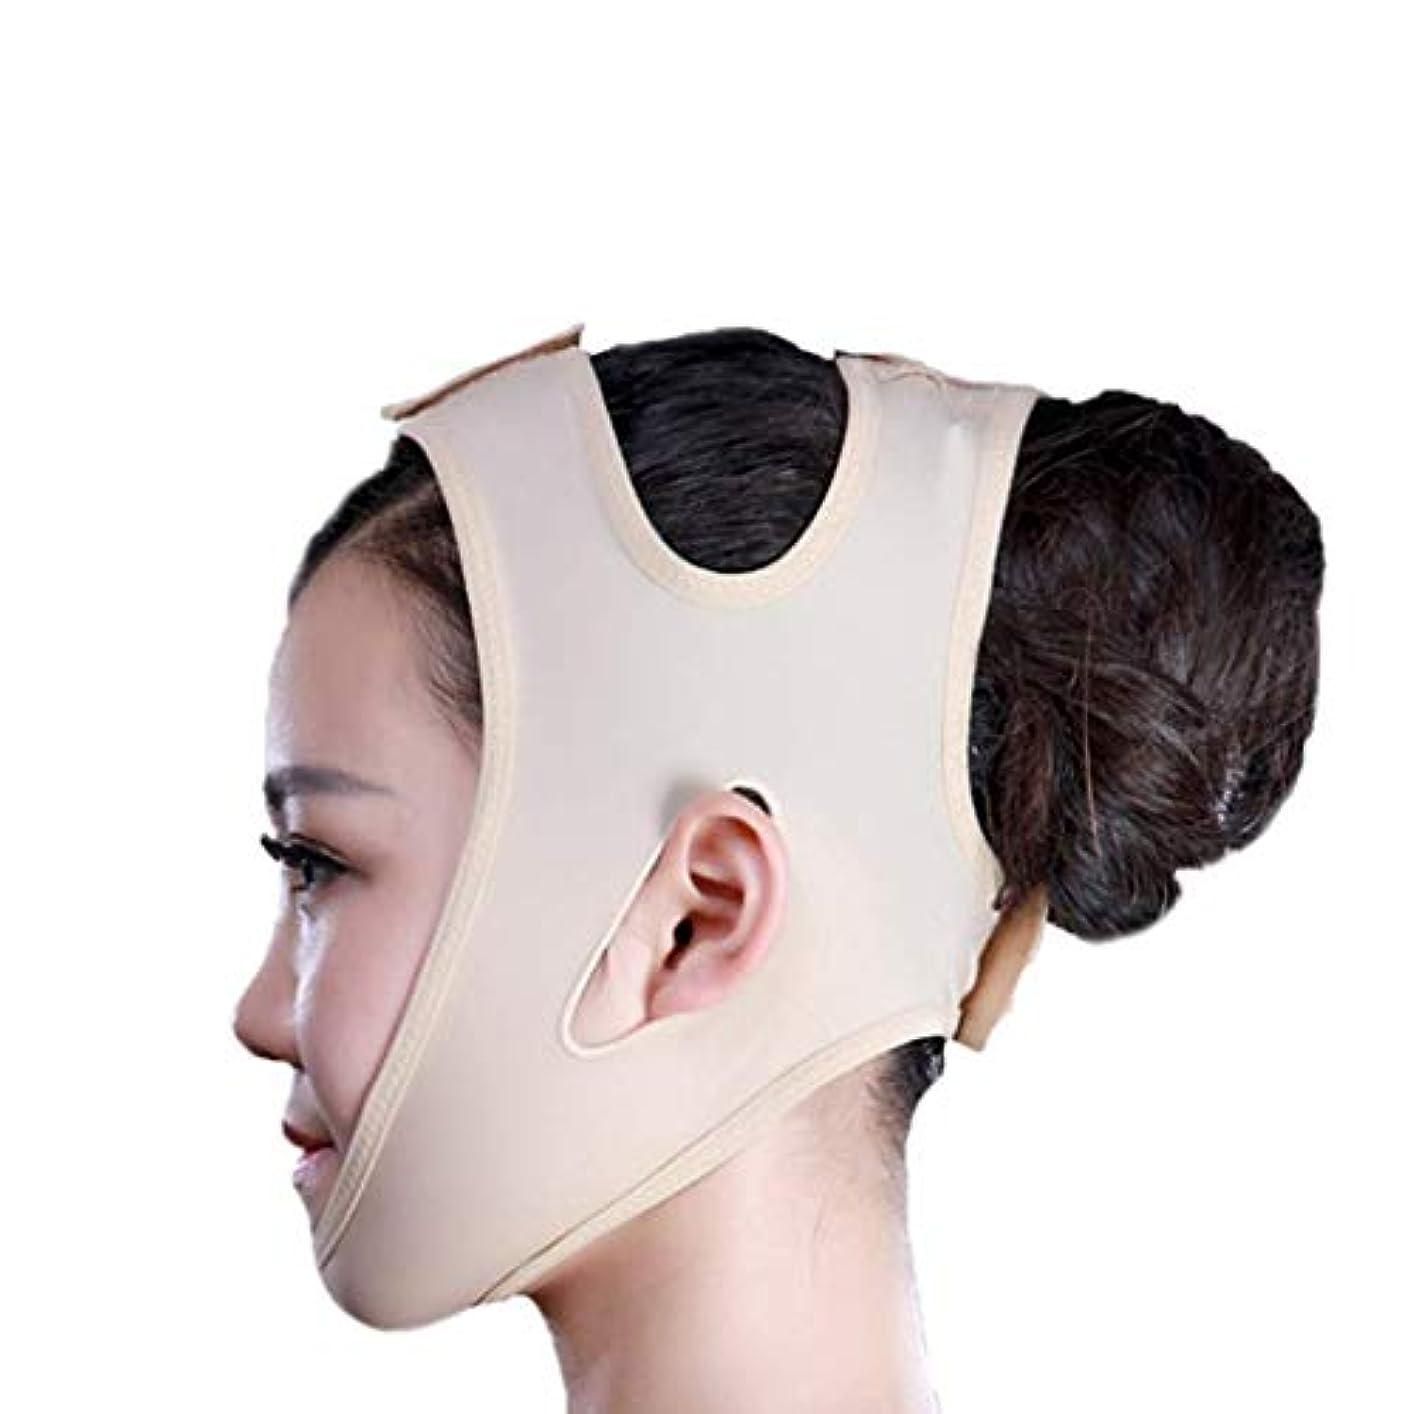 プロフィール剪断腰フェイススリミングマスク、快適さと通気性、フェイシャルリフティング、輪郭の改善された硬さ、ファーミングとリフティングフェイス(カラー:ブラック、サイズ:XL),黄色がかったピンク、L